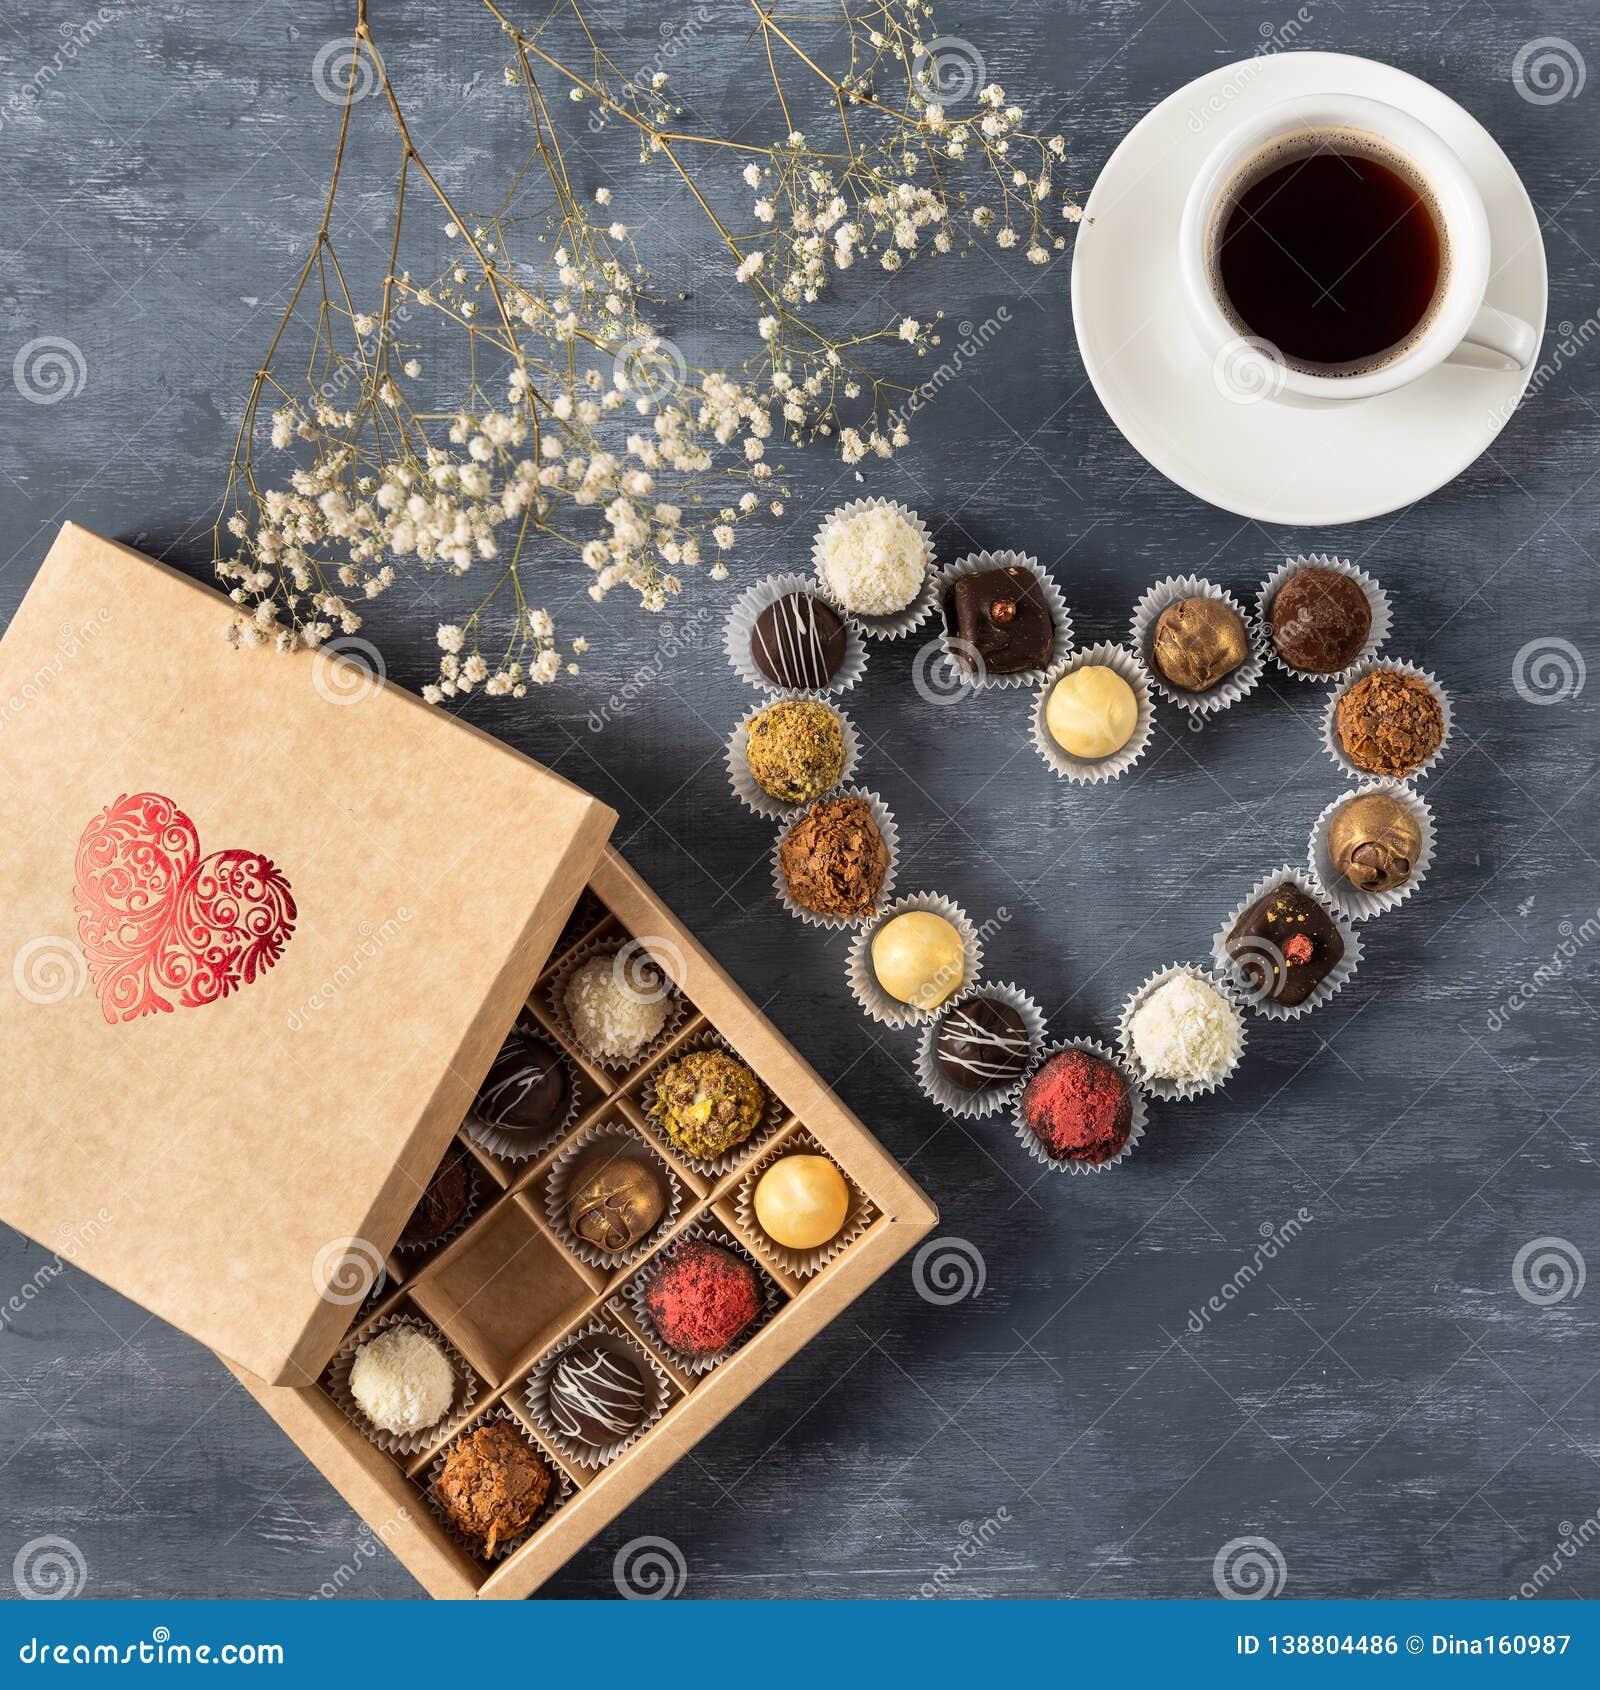 Giftvakje gastronomische chocolade voor de Dag van Valentine op donkere achtergrond met kop van koffie, hoogste mening, exemplaar